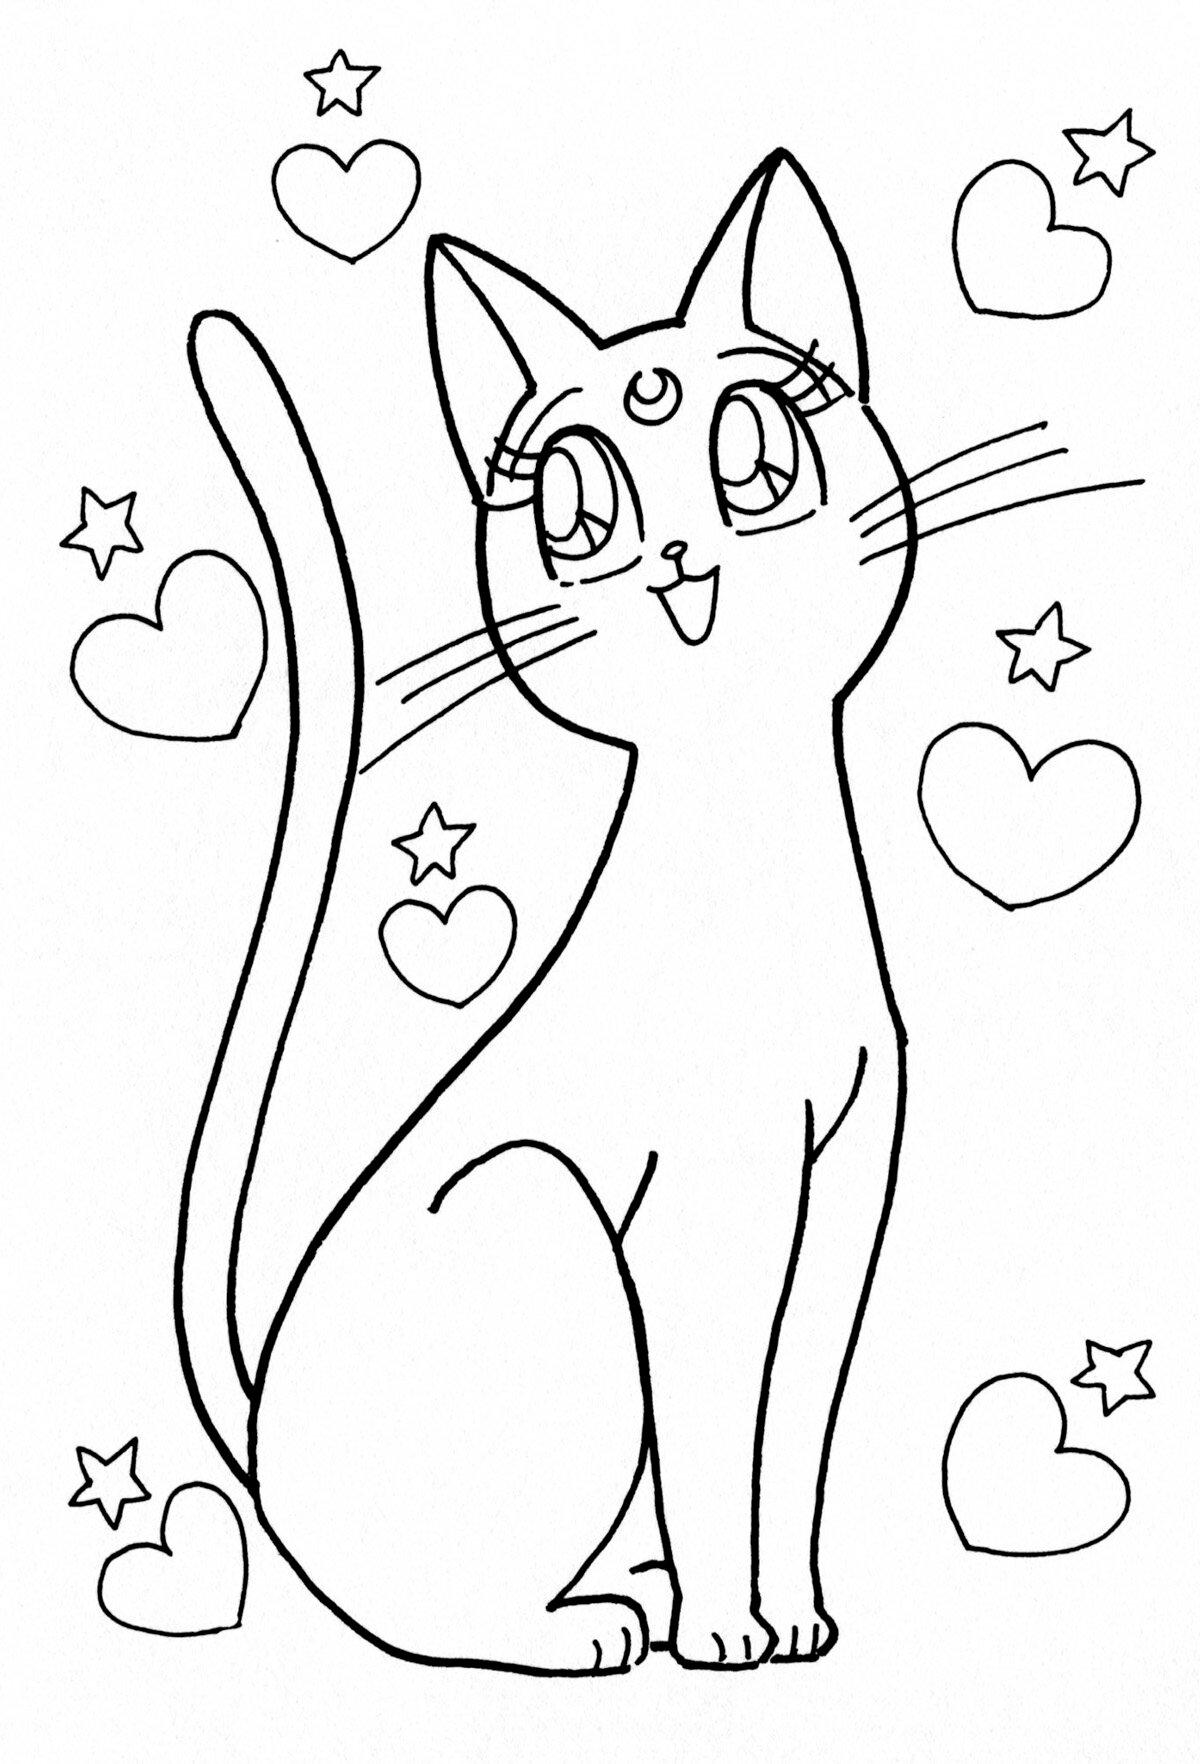 Картинки кошек красивые для раскрашивания